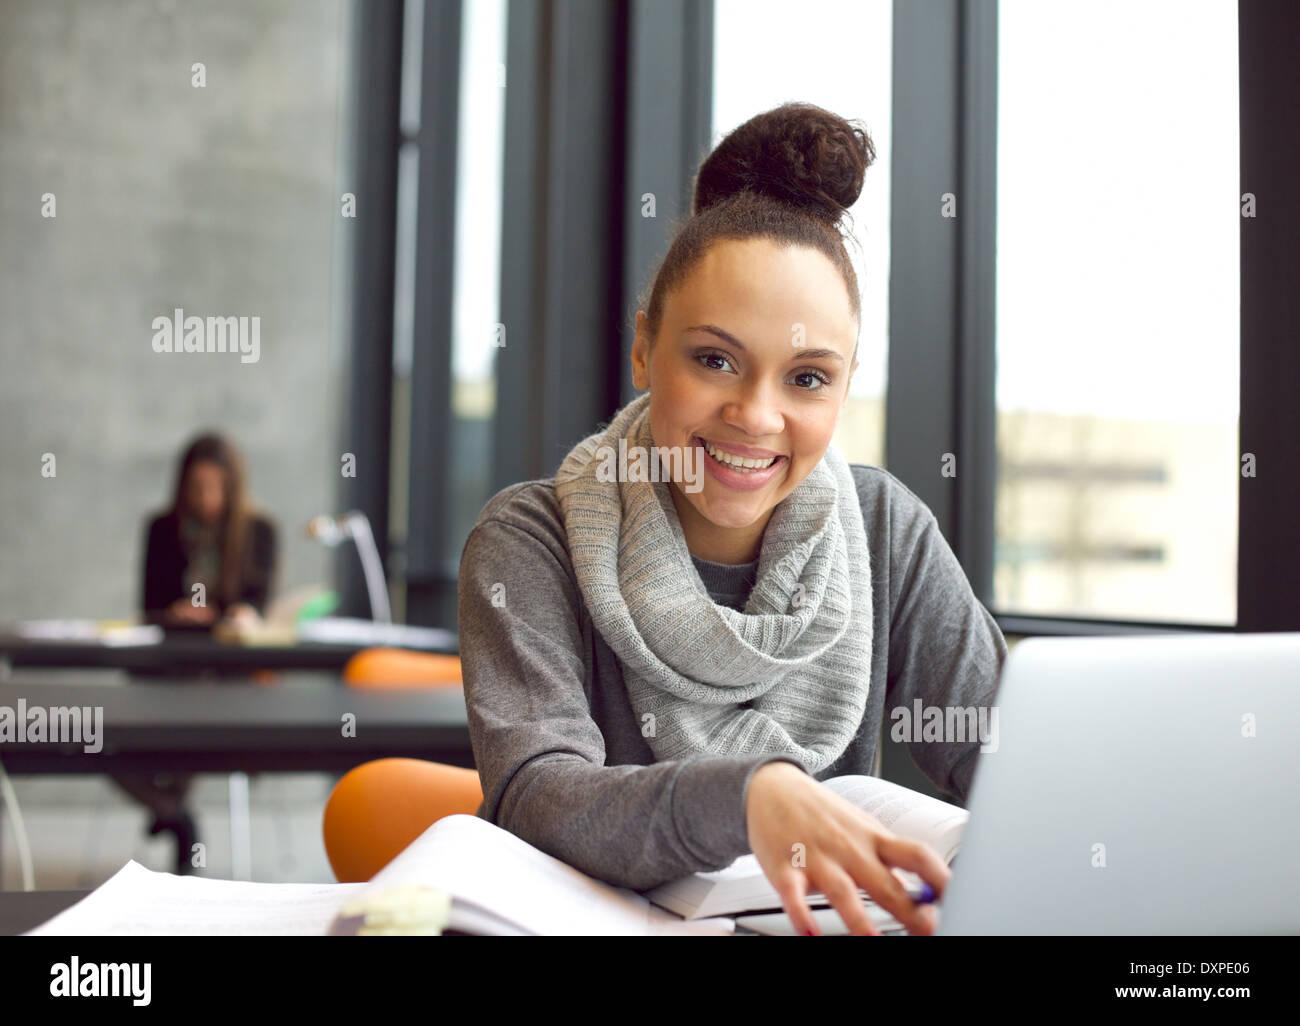 Felice giovane donna seduta in biblioteca con libri e un computer portatile per la ricerca di informazioni per i suoi studi. Immagini Stock